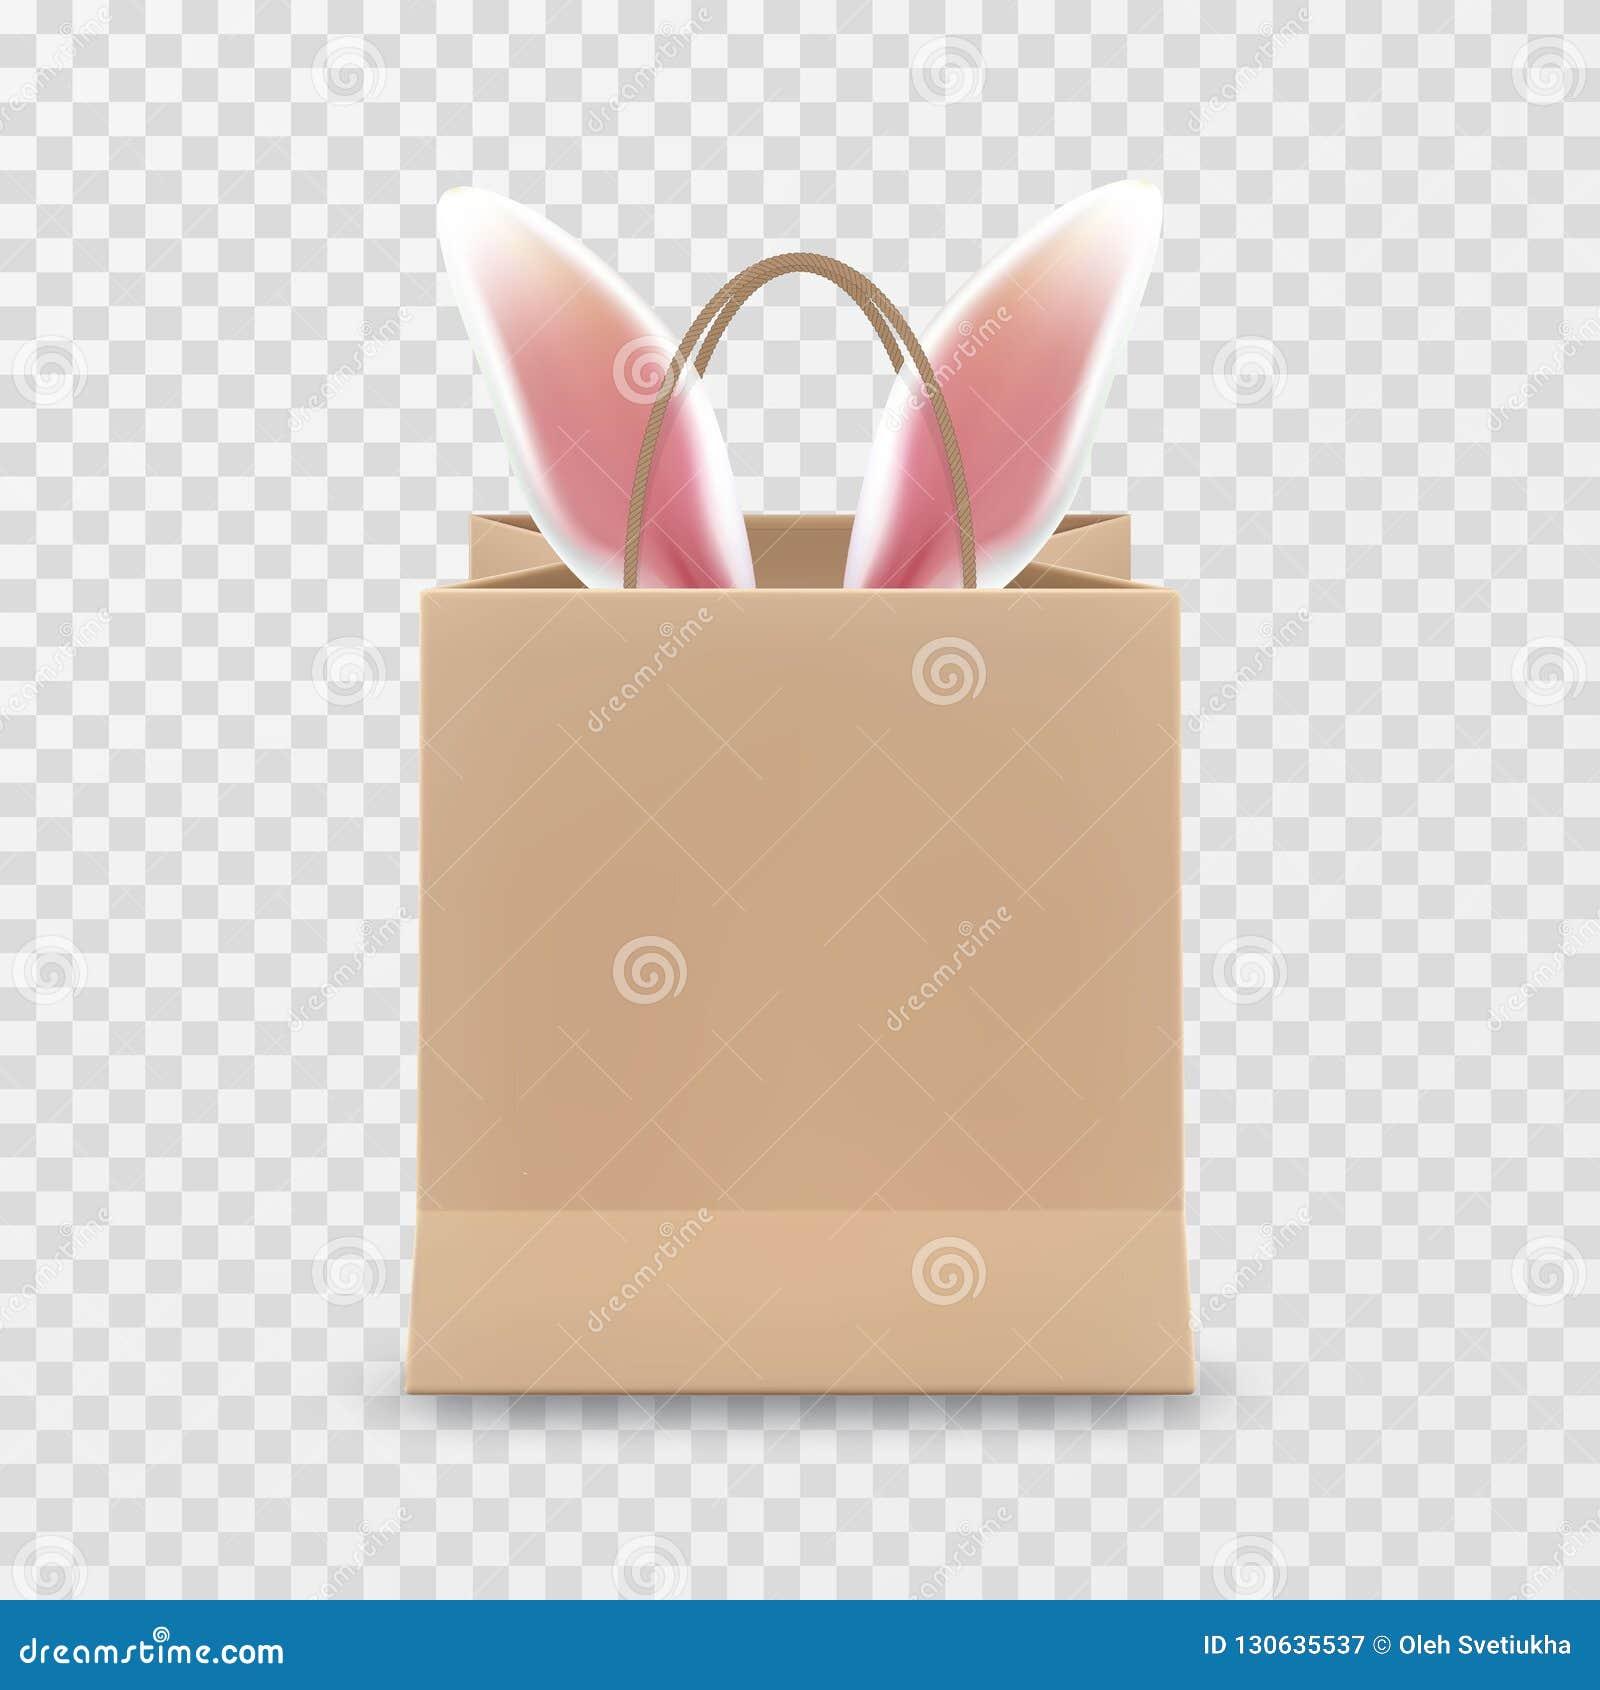 Счастливая продажа пасхи Реалистическая бумажная хозяйственная сумка с ручками изолированными на прозрачной предпосылке также век